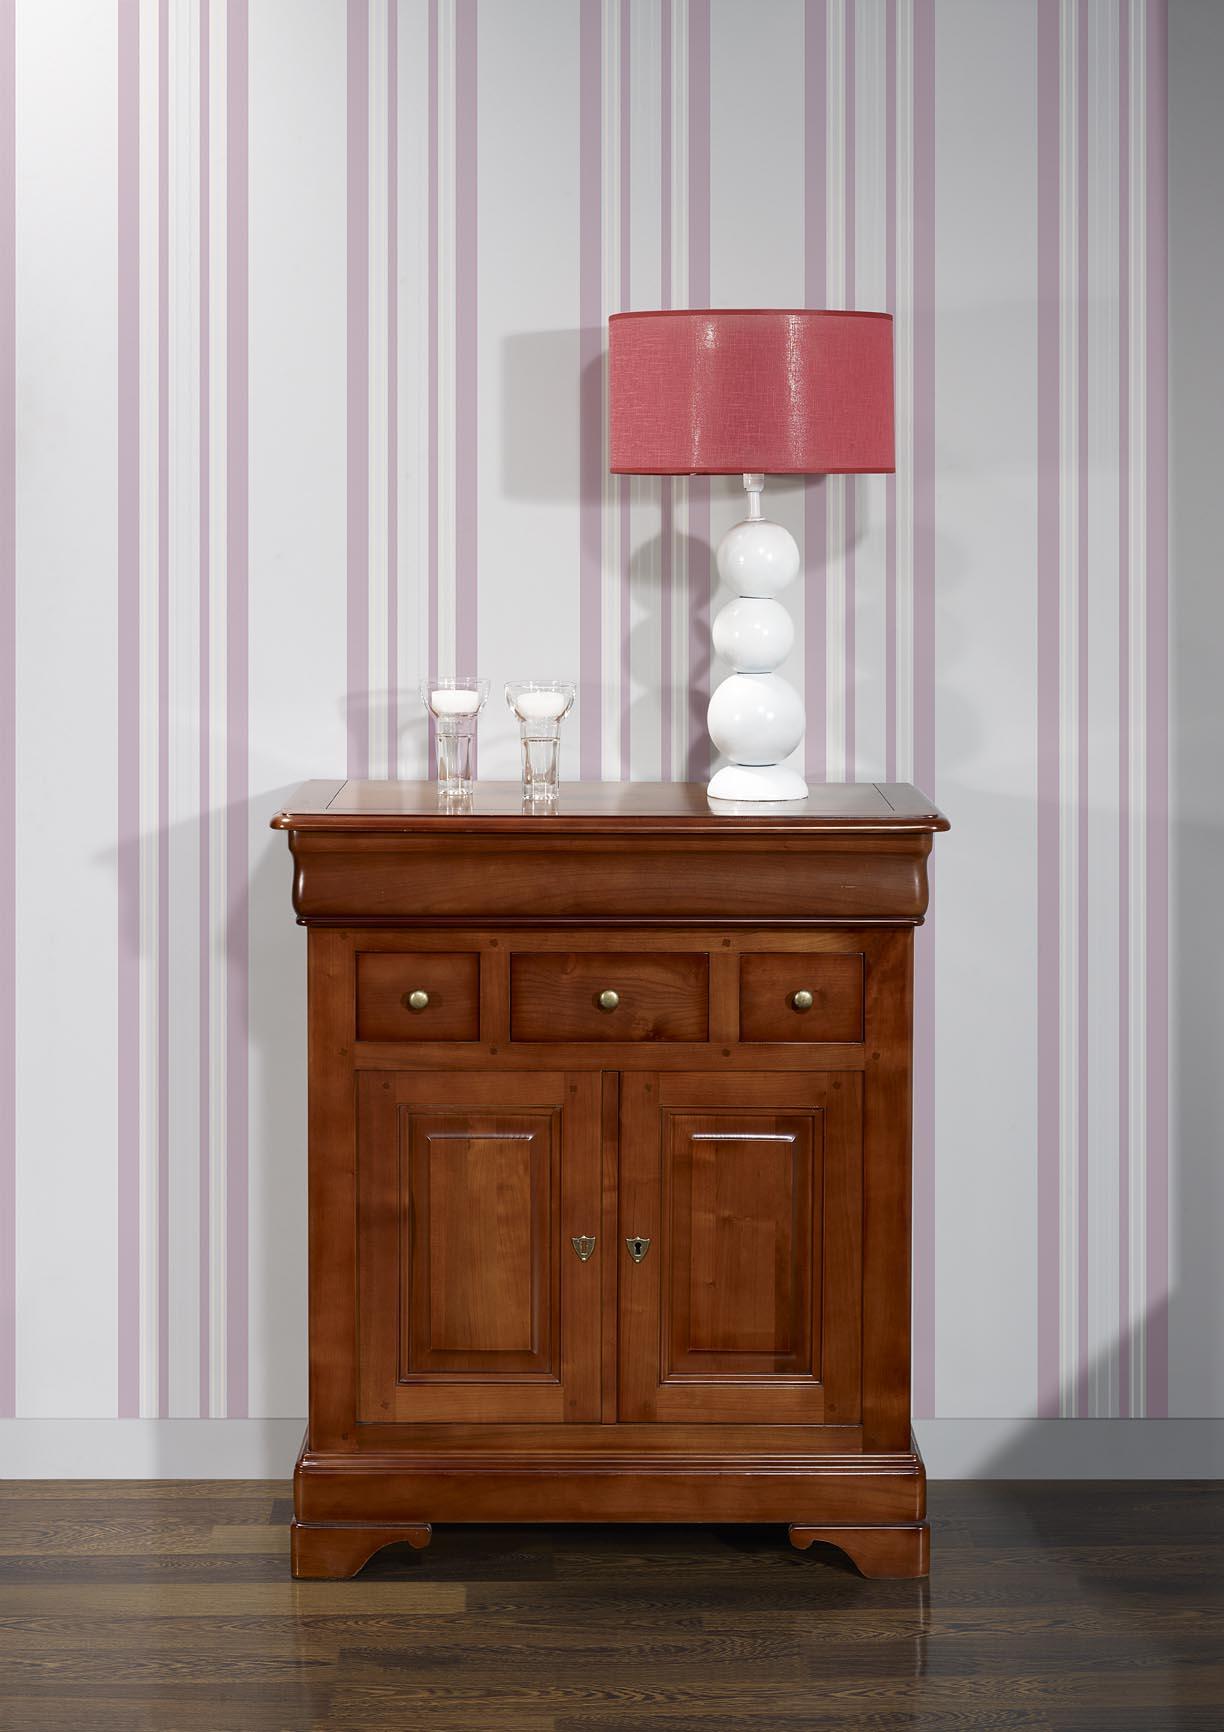 supérieur Petit buffet Maria-josée en Merisier Massif de style Louis Philippe , meuble  en Merisier massif